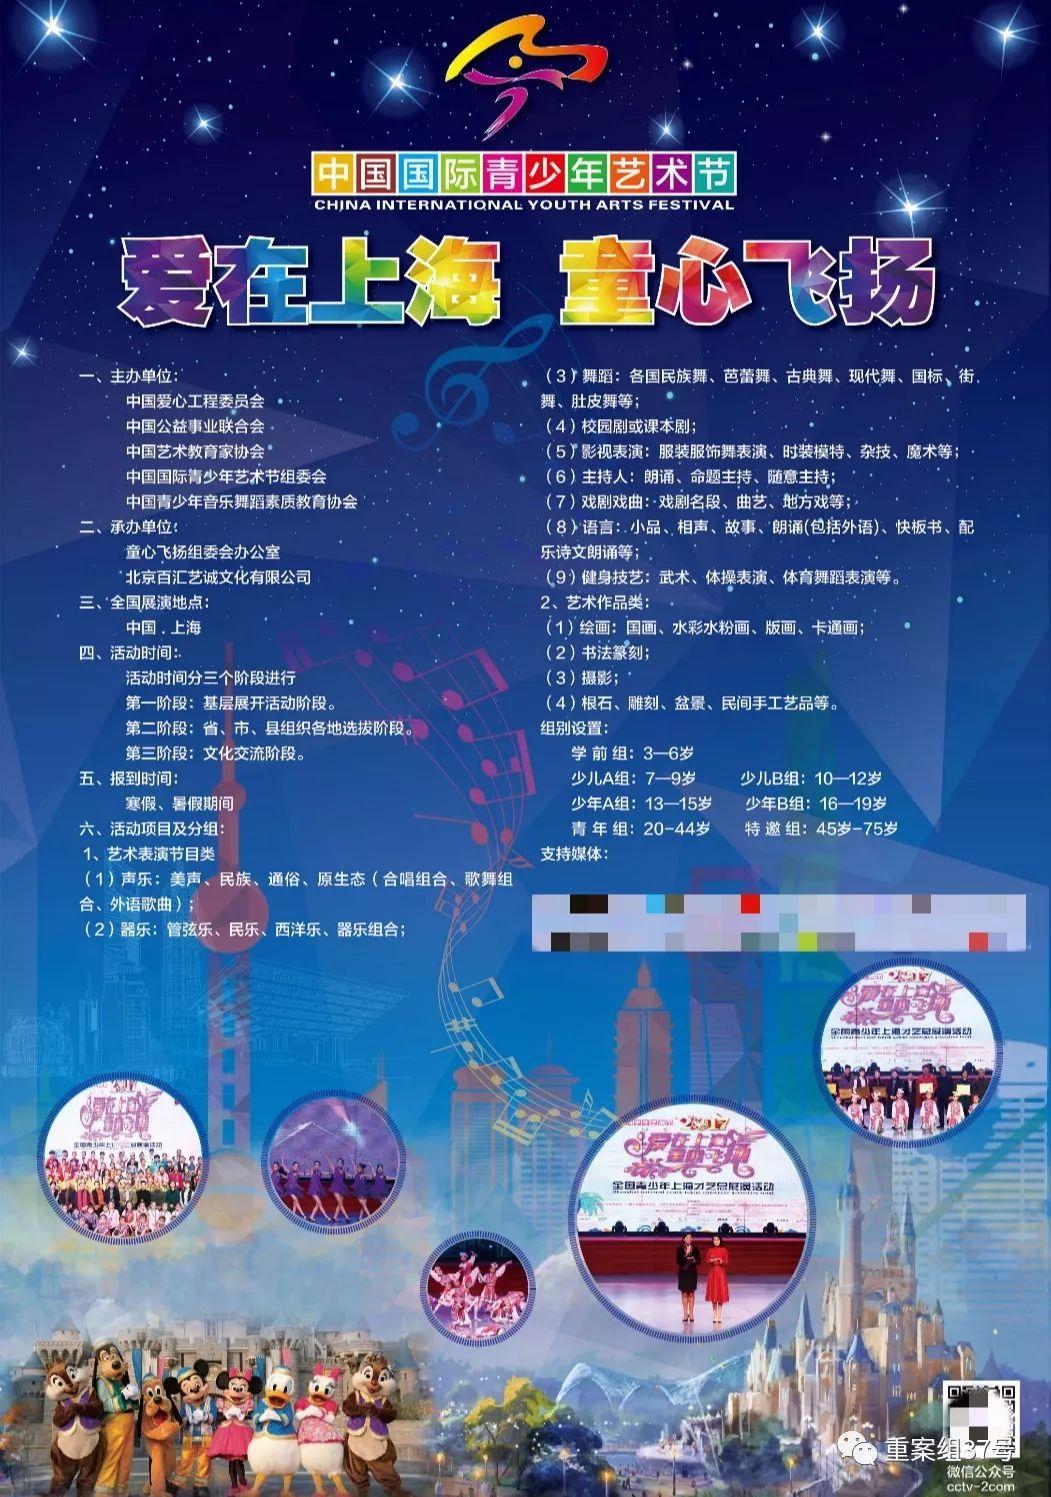 """▲中国国际青少年艺术节海报所列出的多个主办方,为民政部公布的""""涉嫌非法组织""""。受访者供图"""